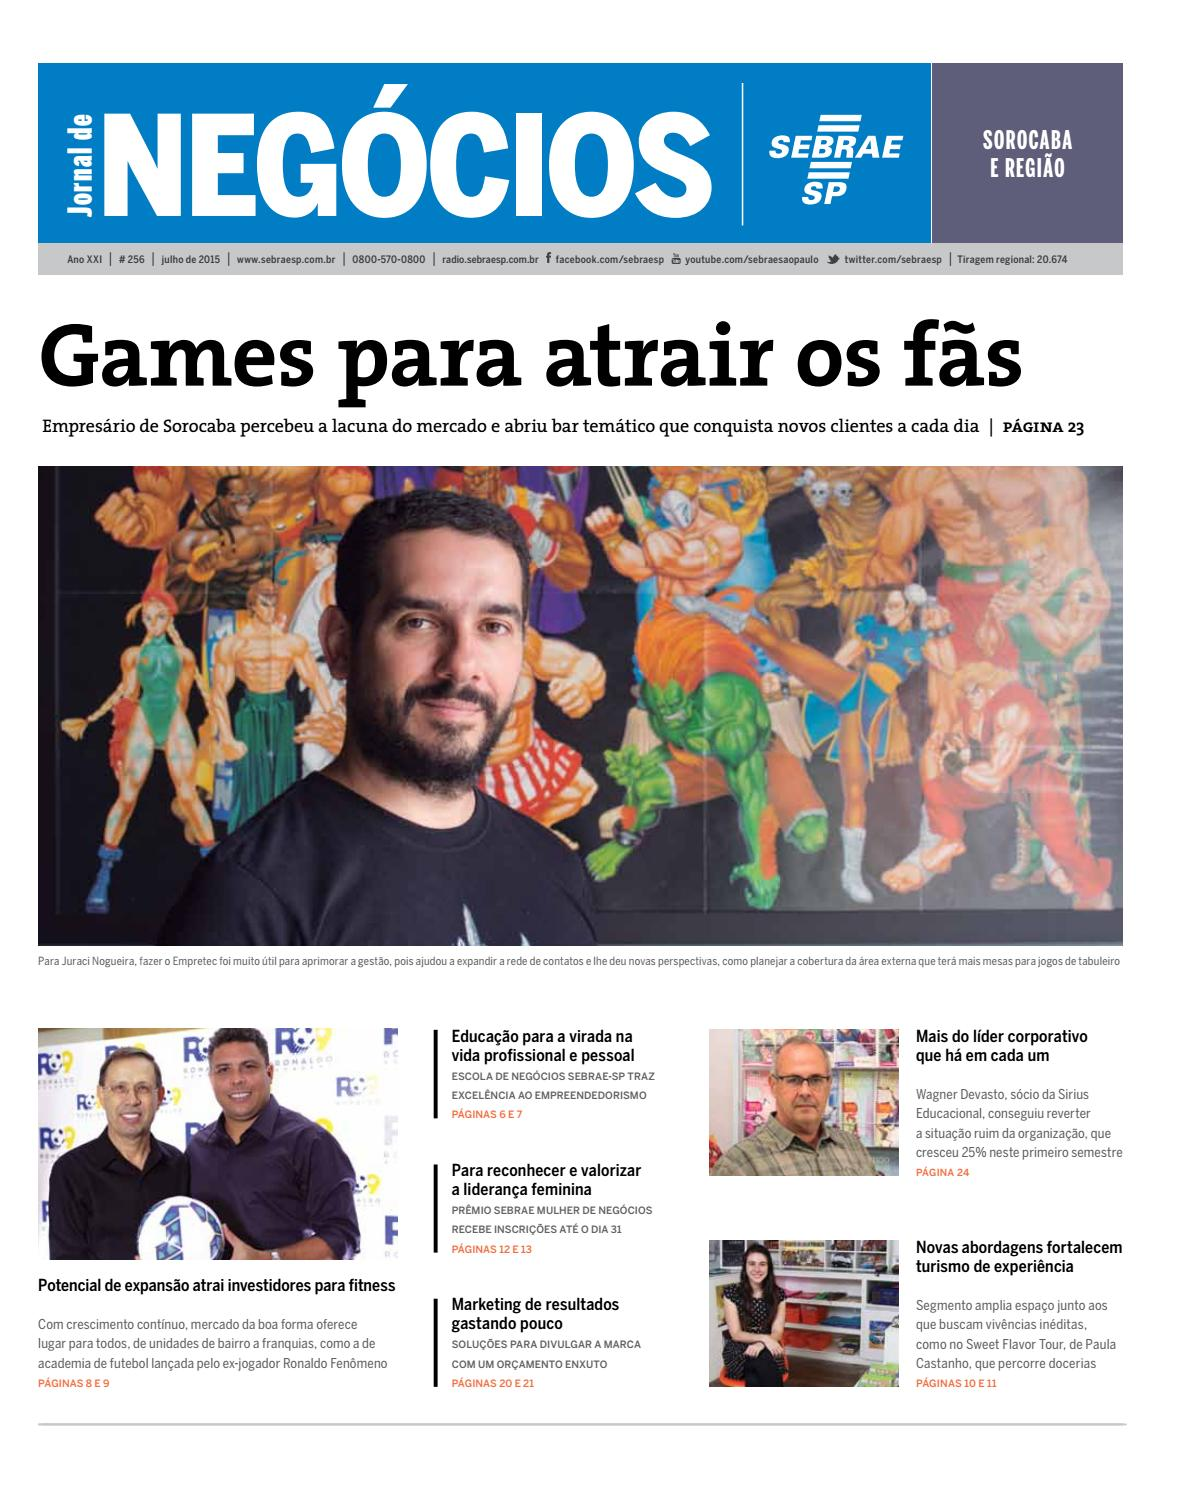 a7bac9024 Jornal de Negócios Sebrae-SP - Julho de 2015 - Sorocaba e região by  Sebrae-SP - issuu